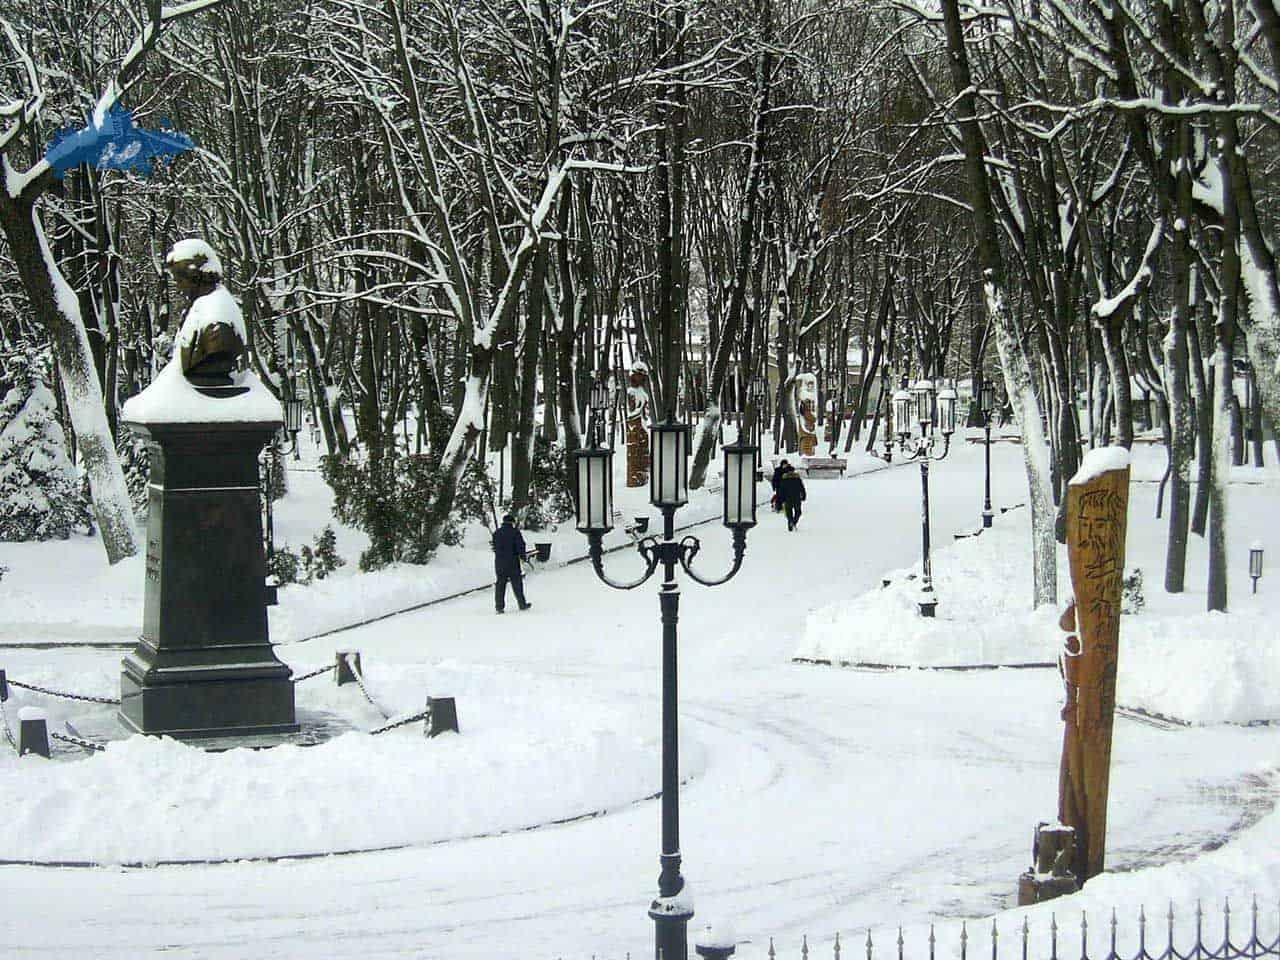 Que ver en el Parque Tolstoi en Briansk; Visitar el Parque Tolstoi en Briansk; Recorrer el Parque Tolstoi en Briansk